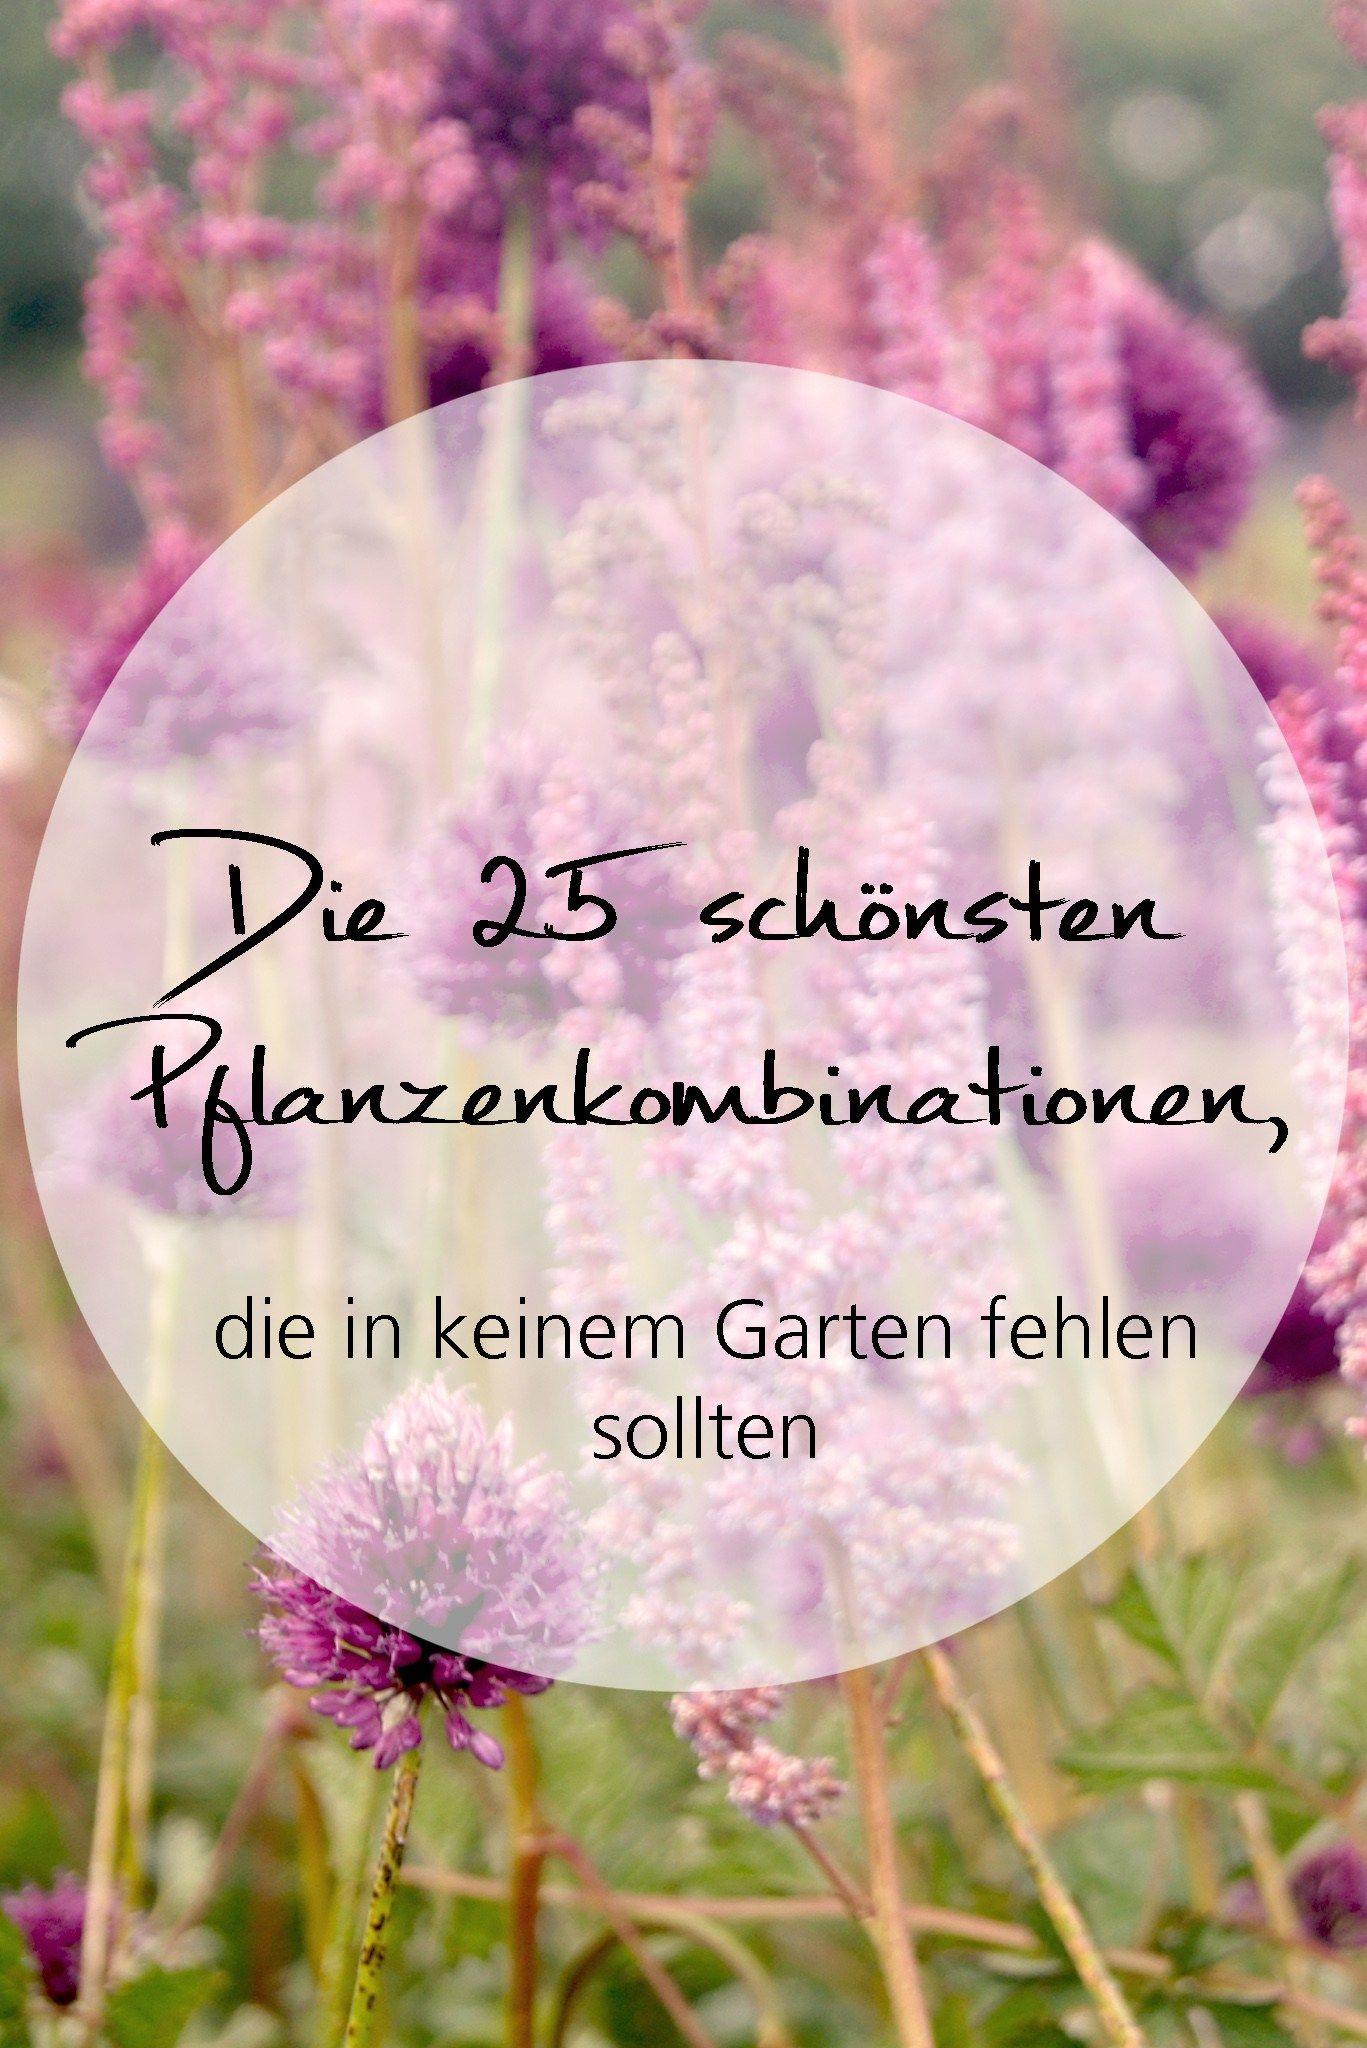 Die 25 schönsten Pflanzenkombinationen, die in keinem Garten fehlen sollten - irislandschaften.ch